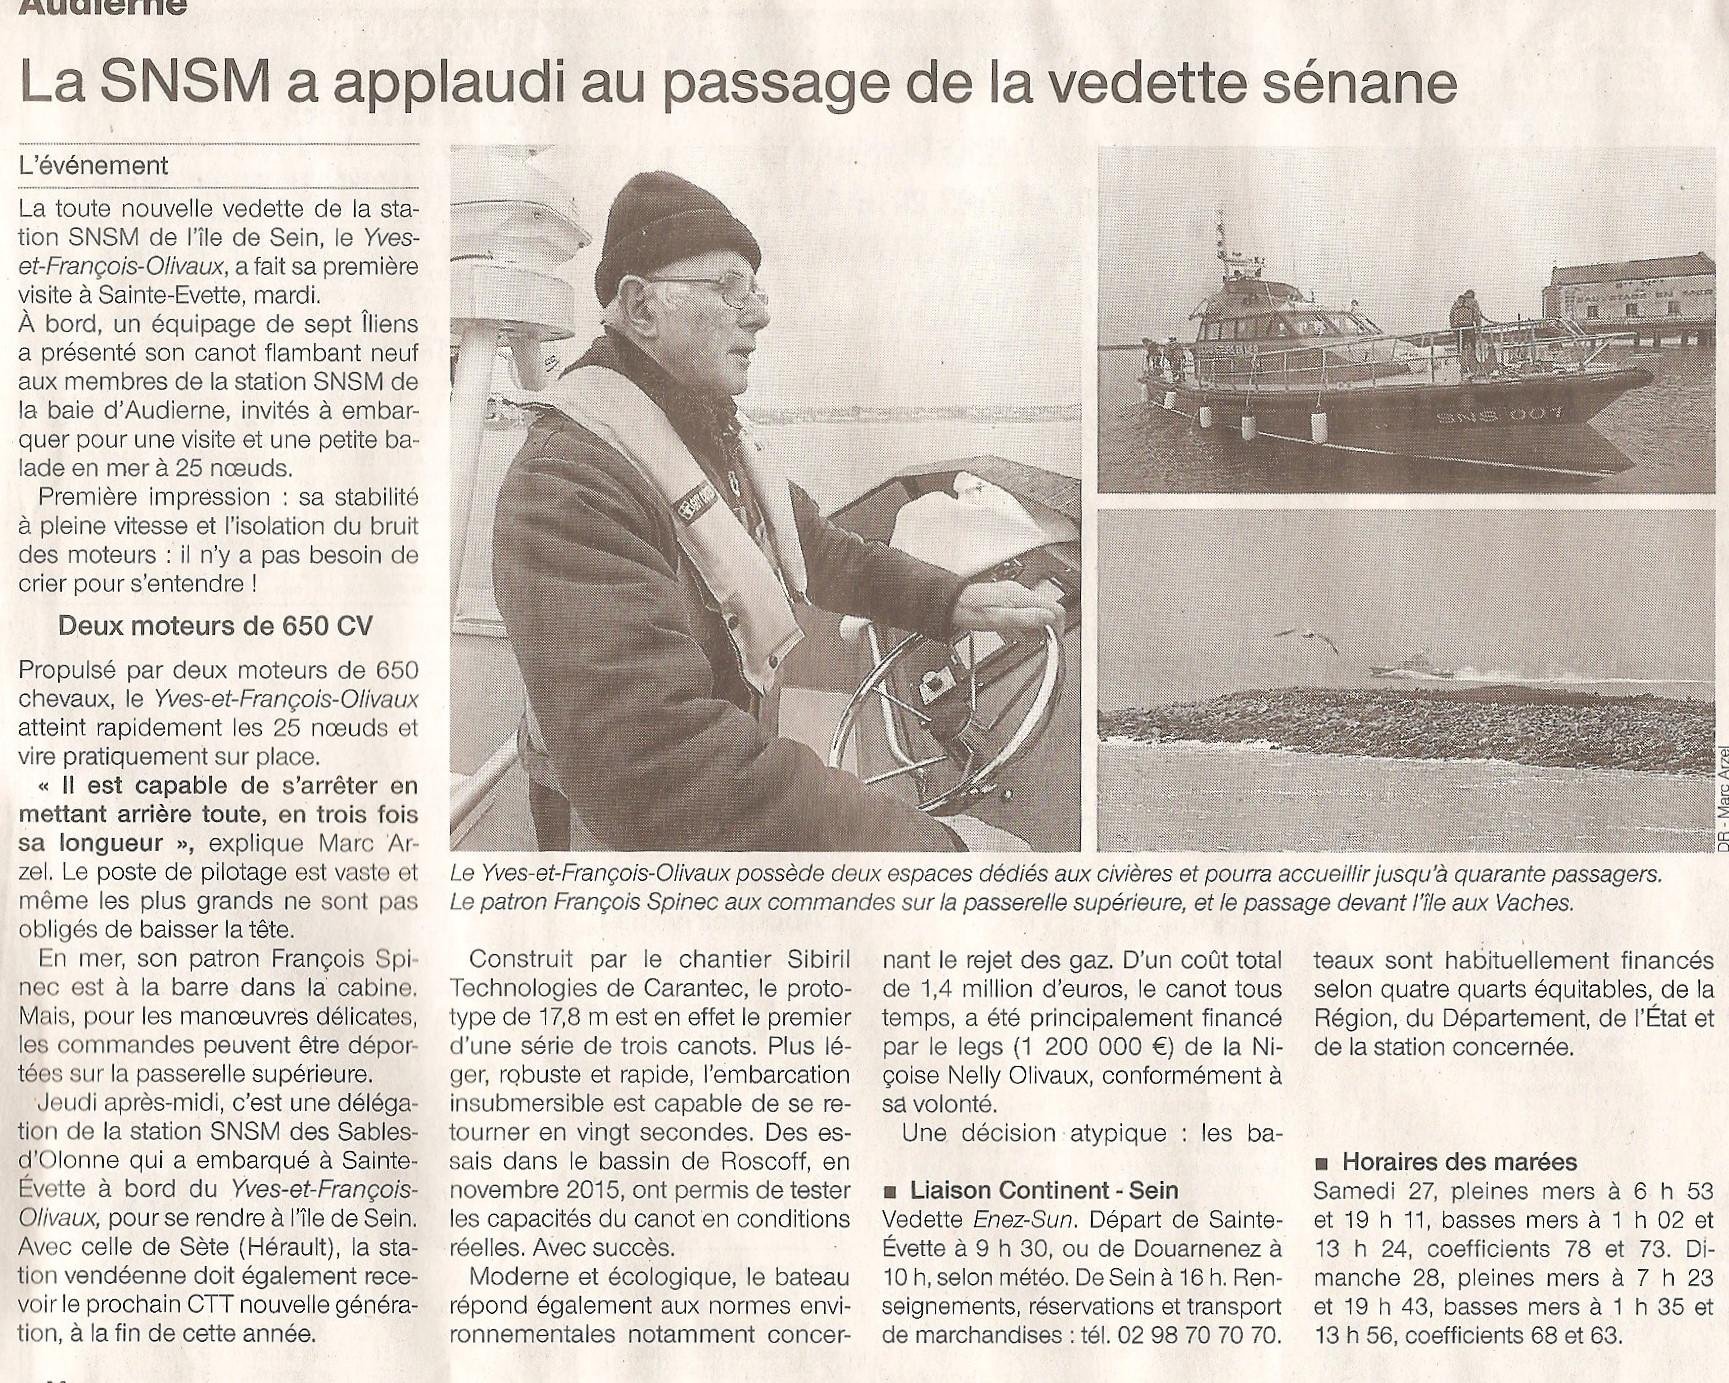 [ La S.N.S.M. ] SNSM AUDIERNE - Page 3 730464Numrisation20160227